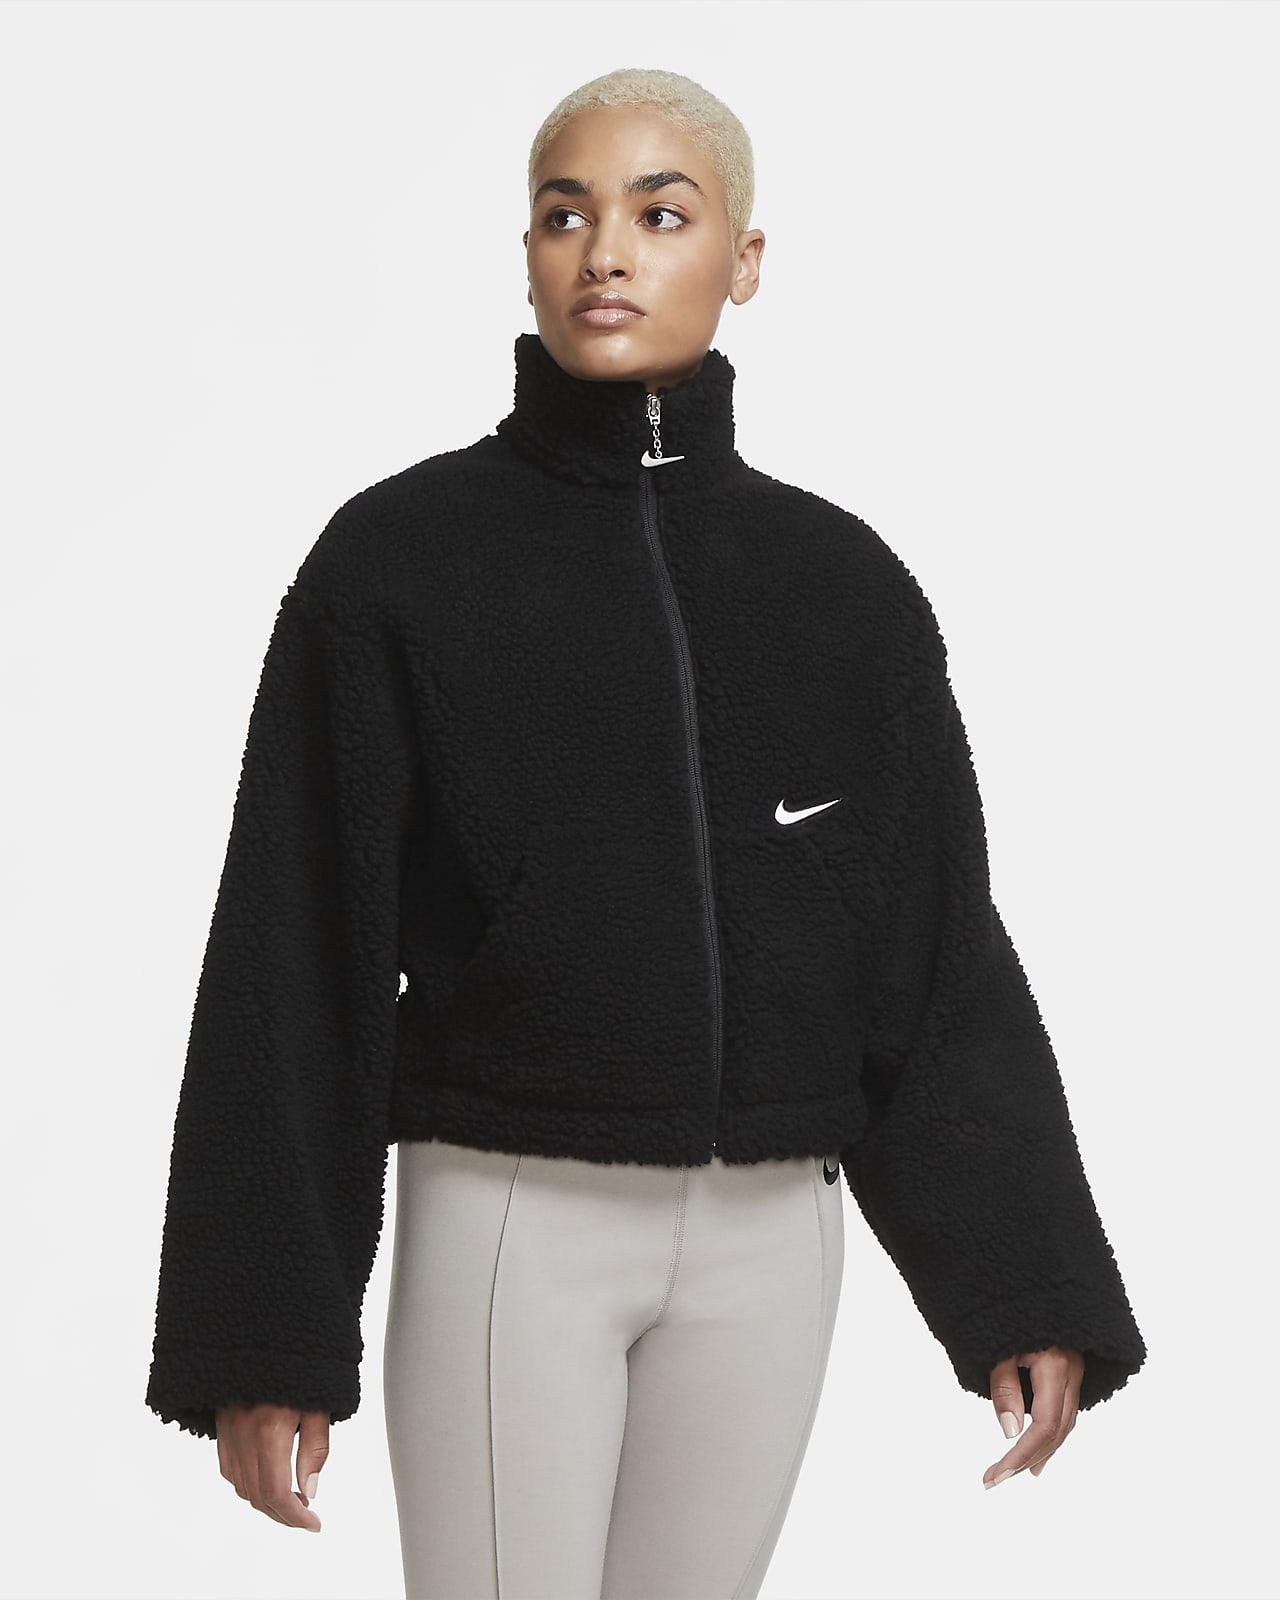 Nike Sportswear Swoosh Jaqueta - Dona